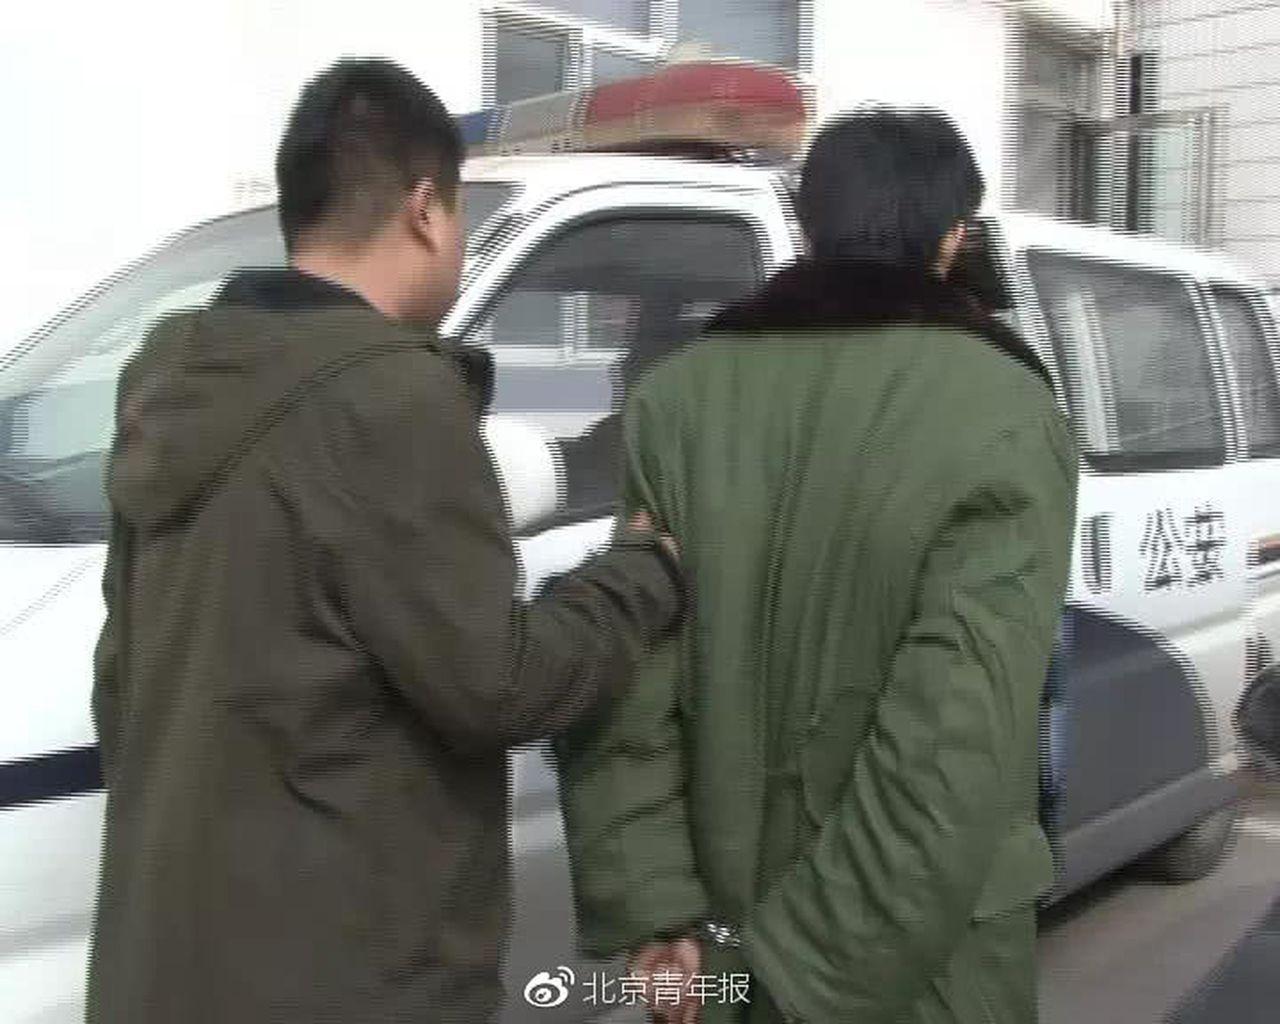 鮮肉男星周文與母親一起吸毒被警方逮捕。 世界日報記者高淑芬/翻攝